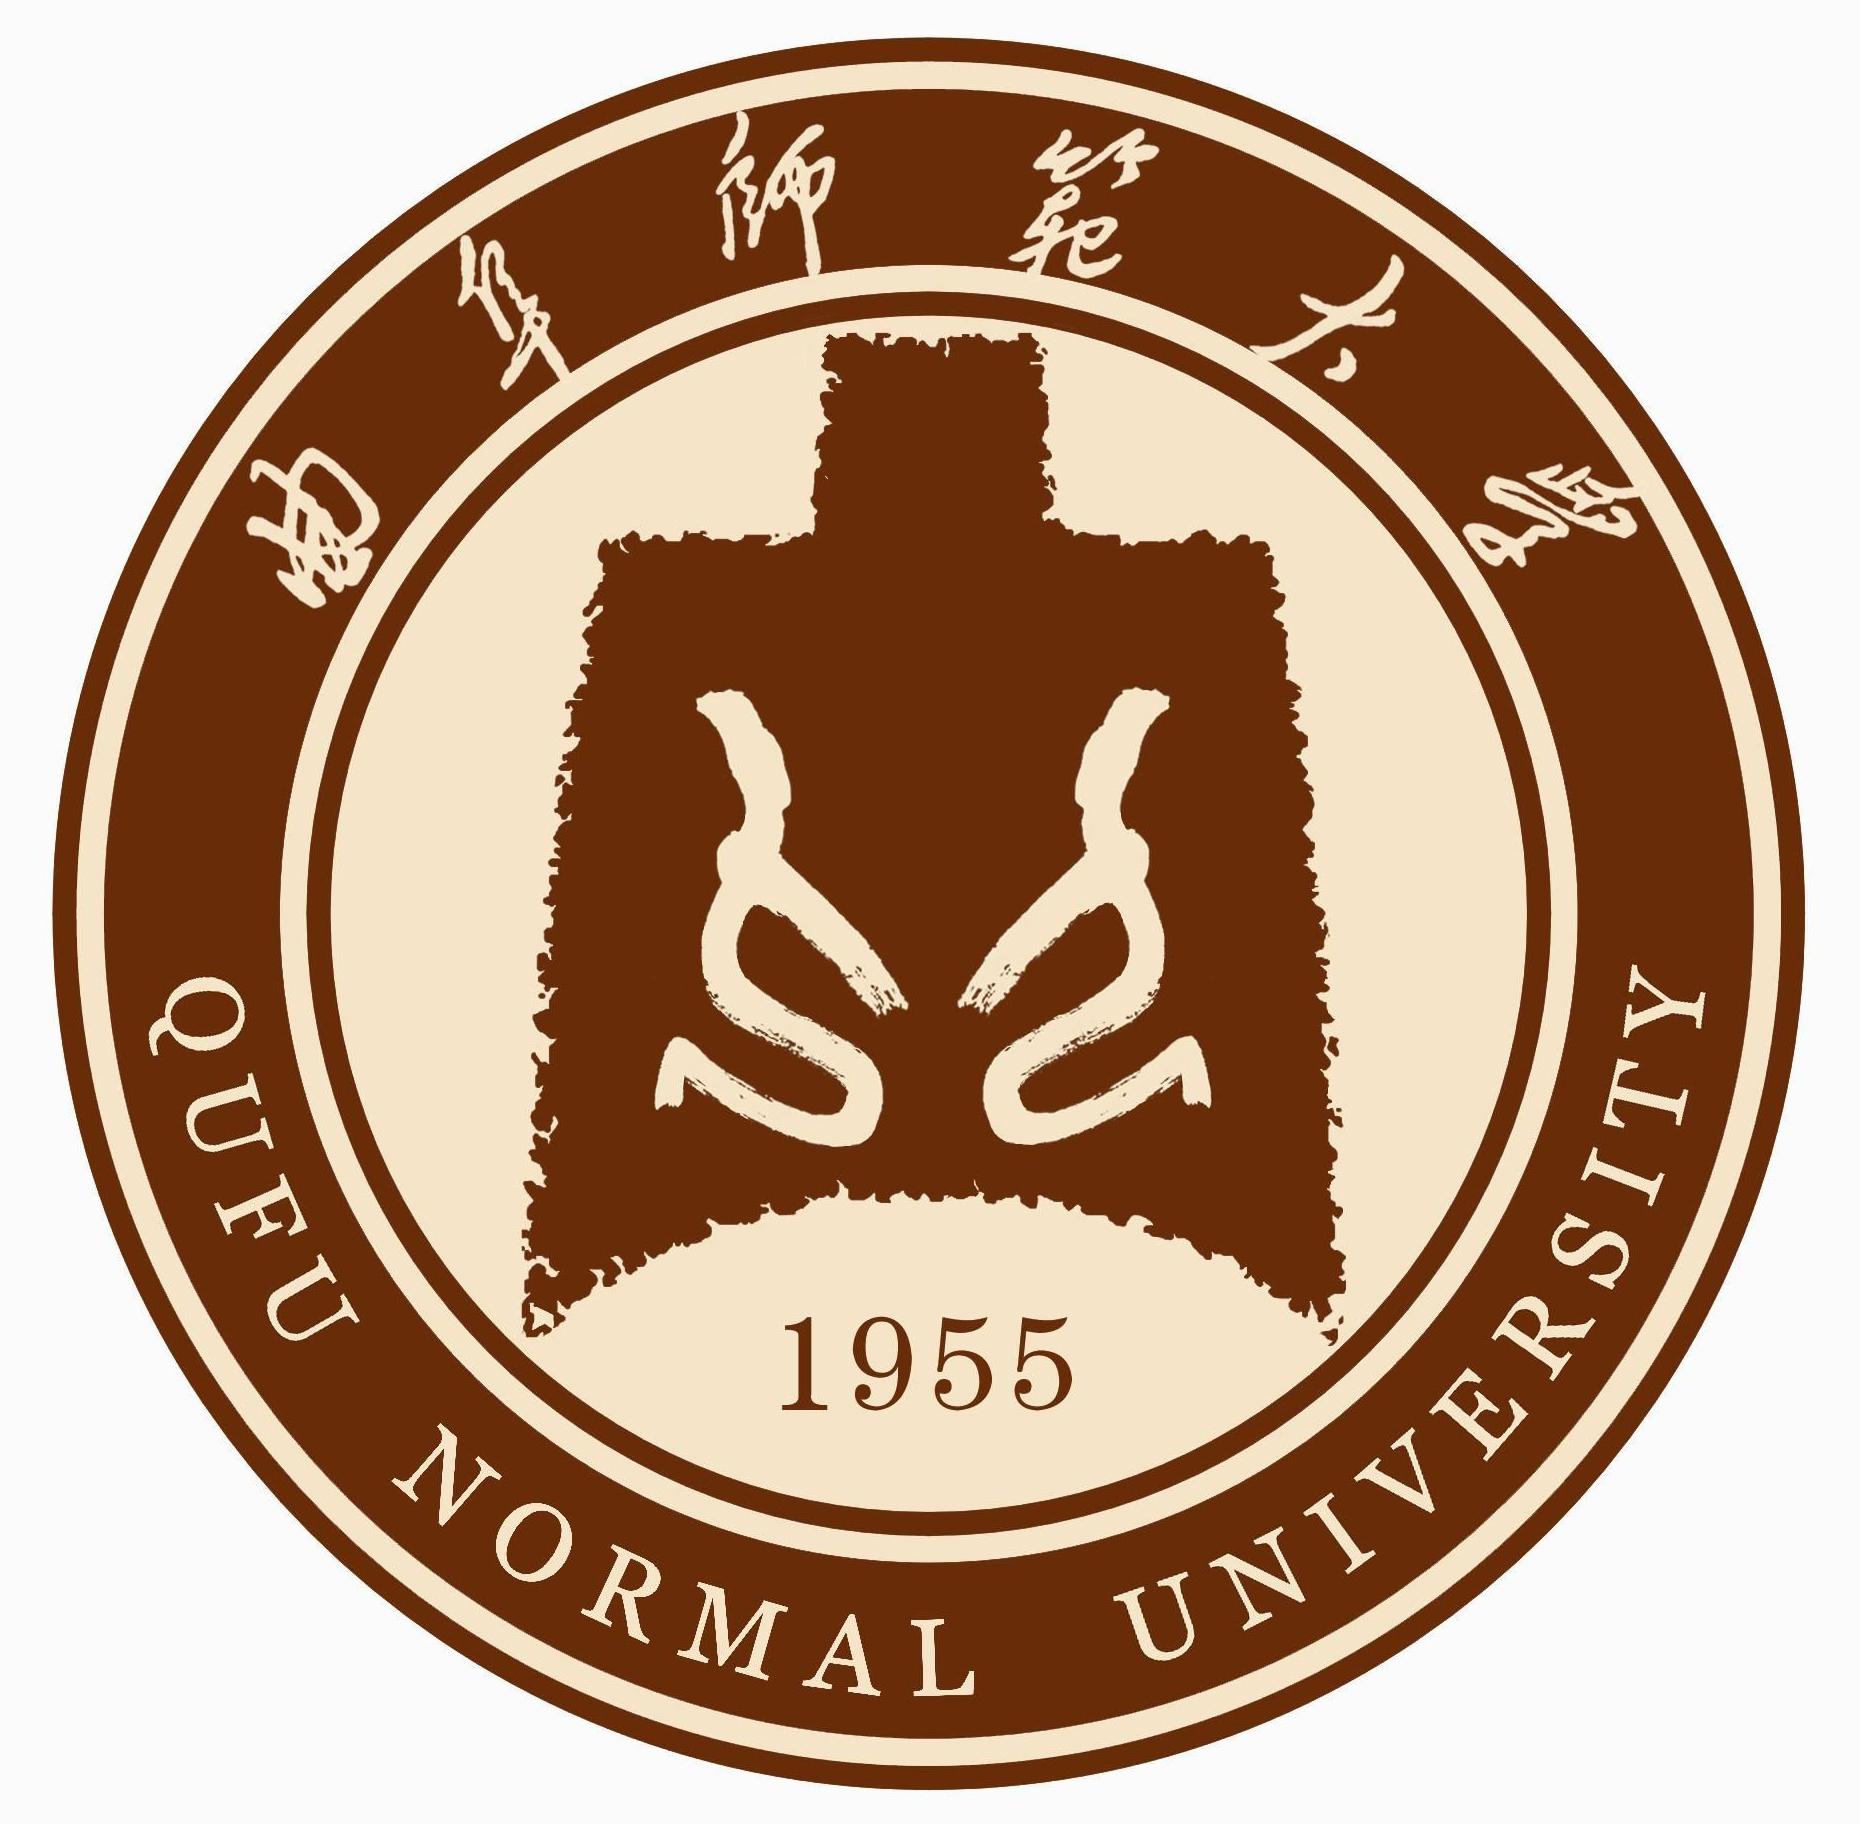 综合 3 中国石油大学(华东) 理工 4 山东师范大学 师范 5 青岛大学